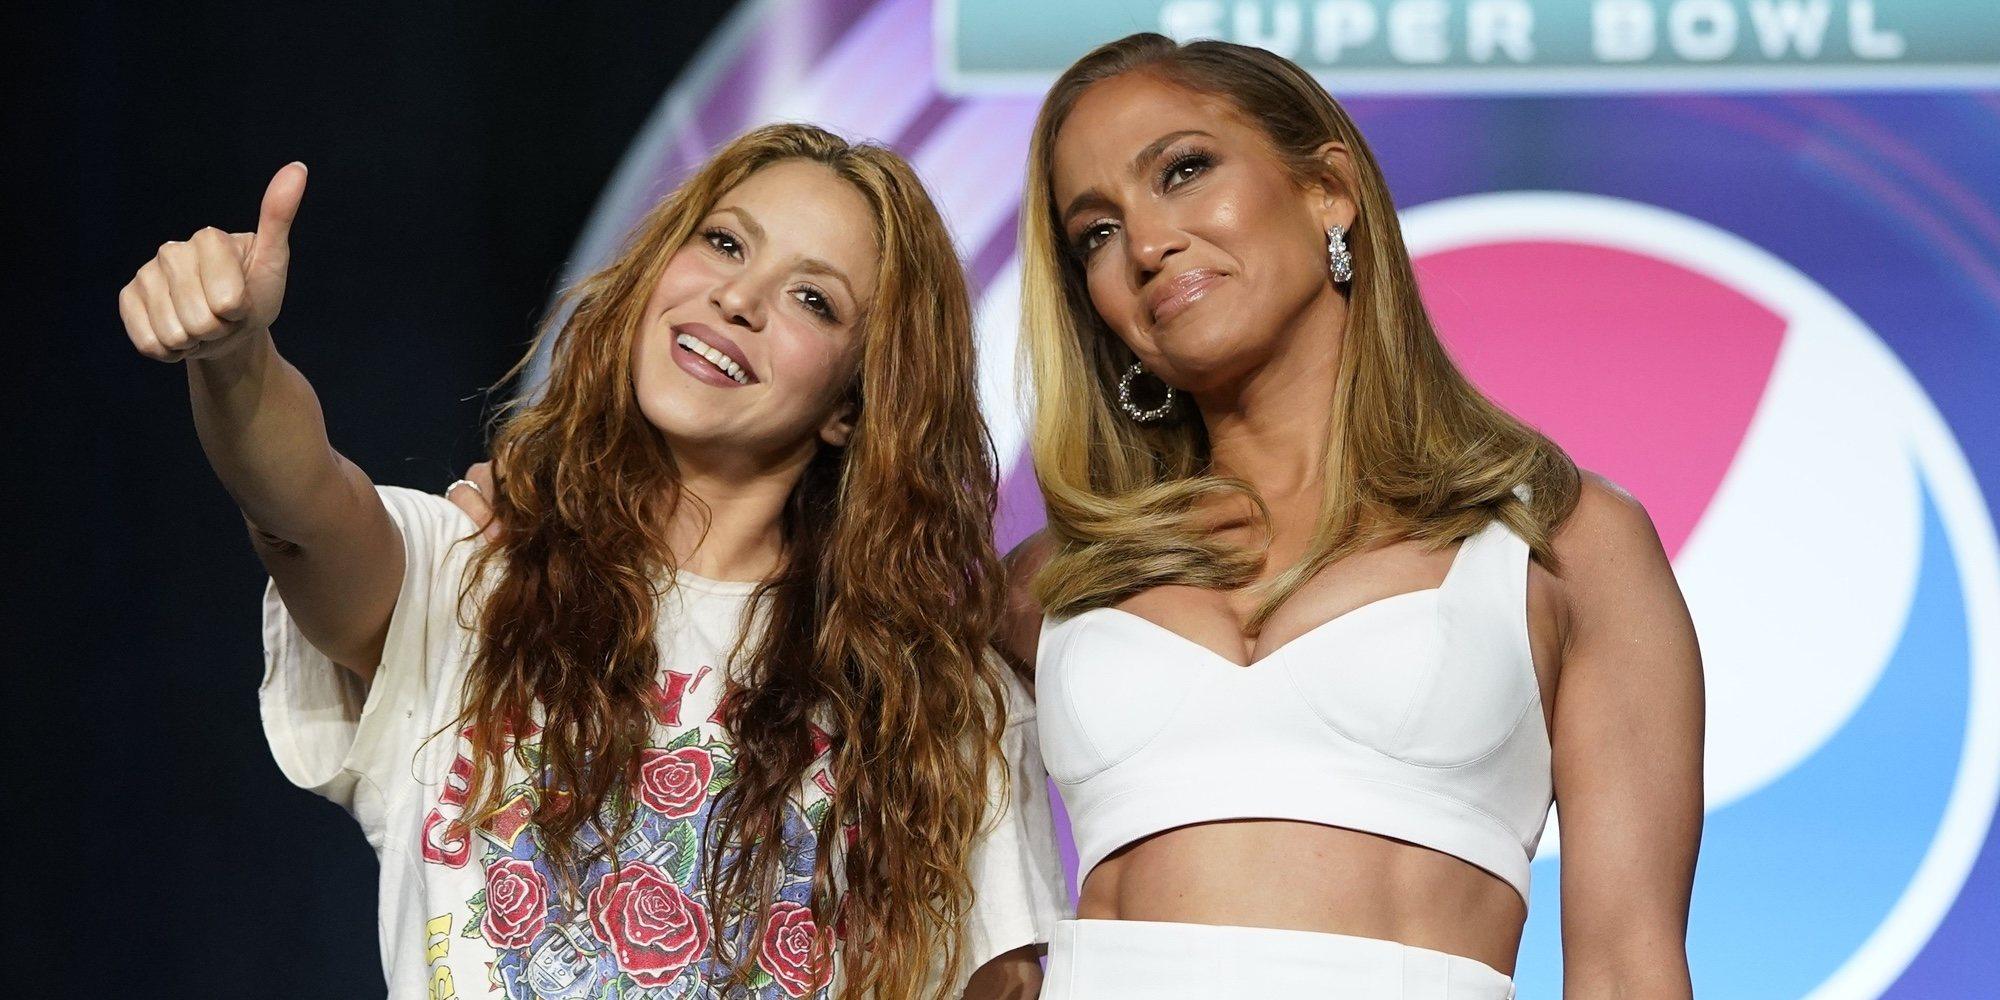 Shakira y Jennifer Lopez dan los detalles de cómo será su actuación en el intermedio de la Super Bowl 2020